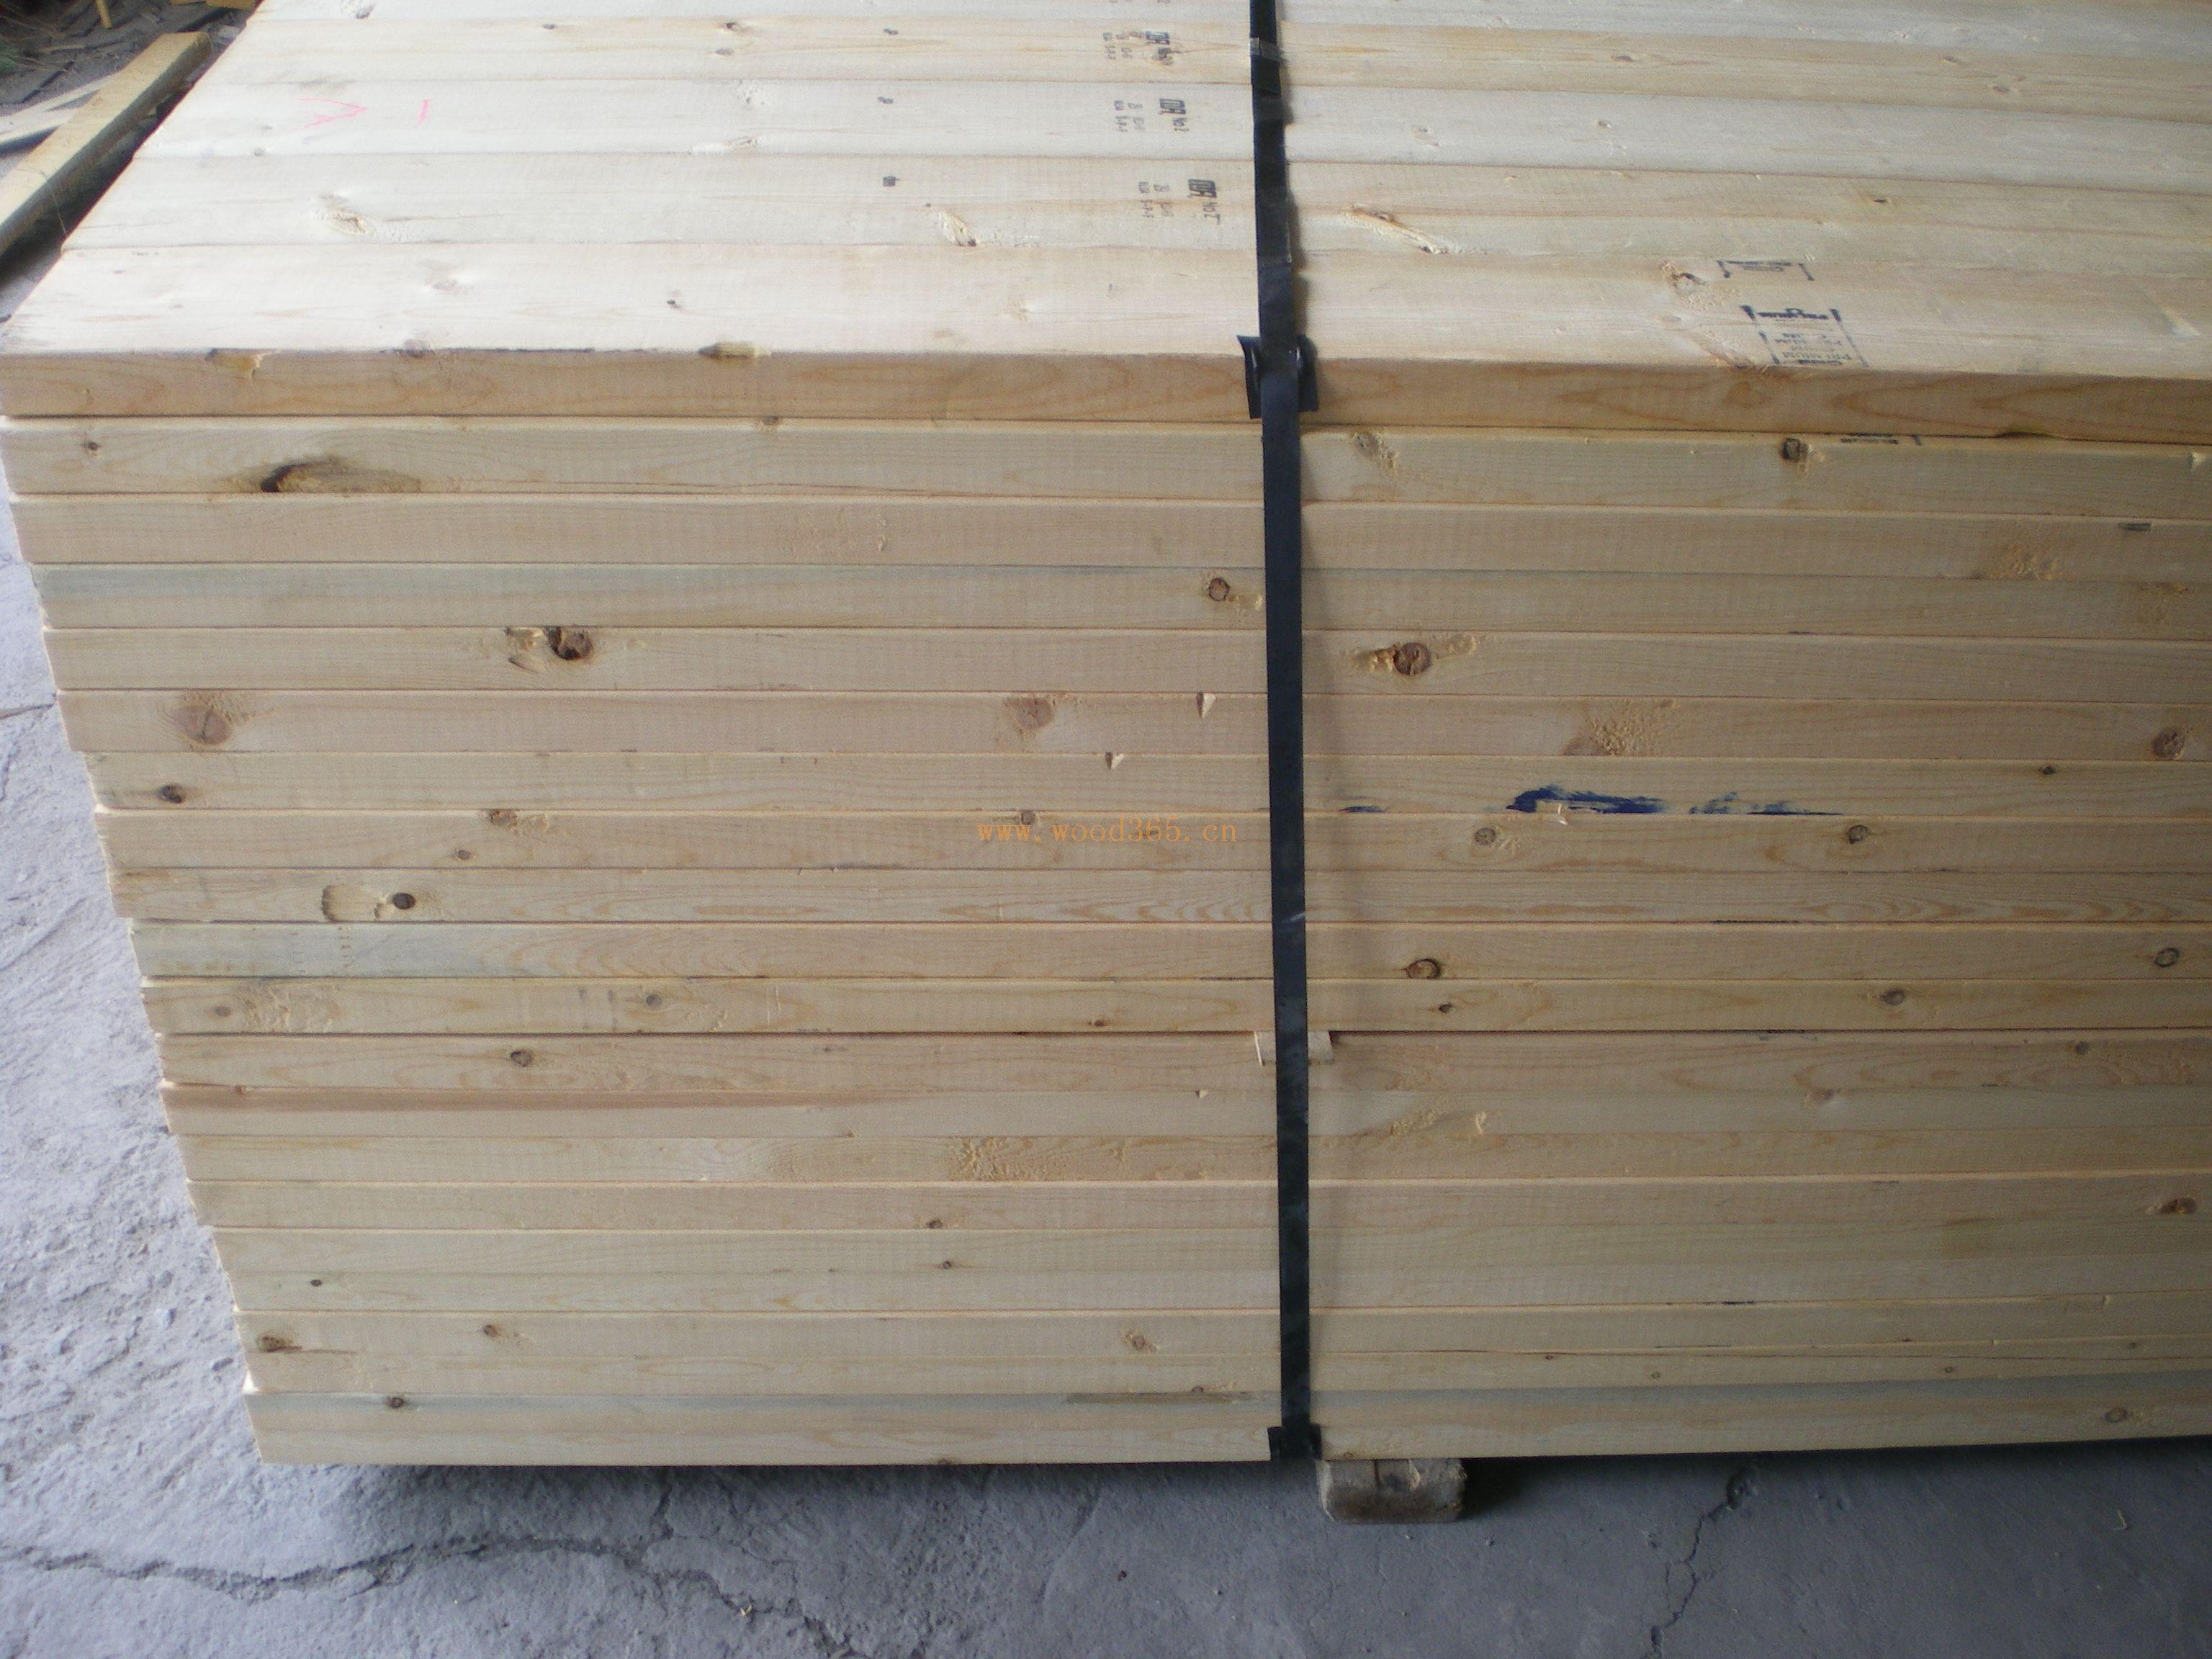 橡胶木 加拿大进口松木板材